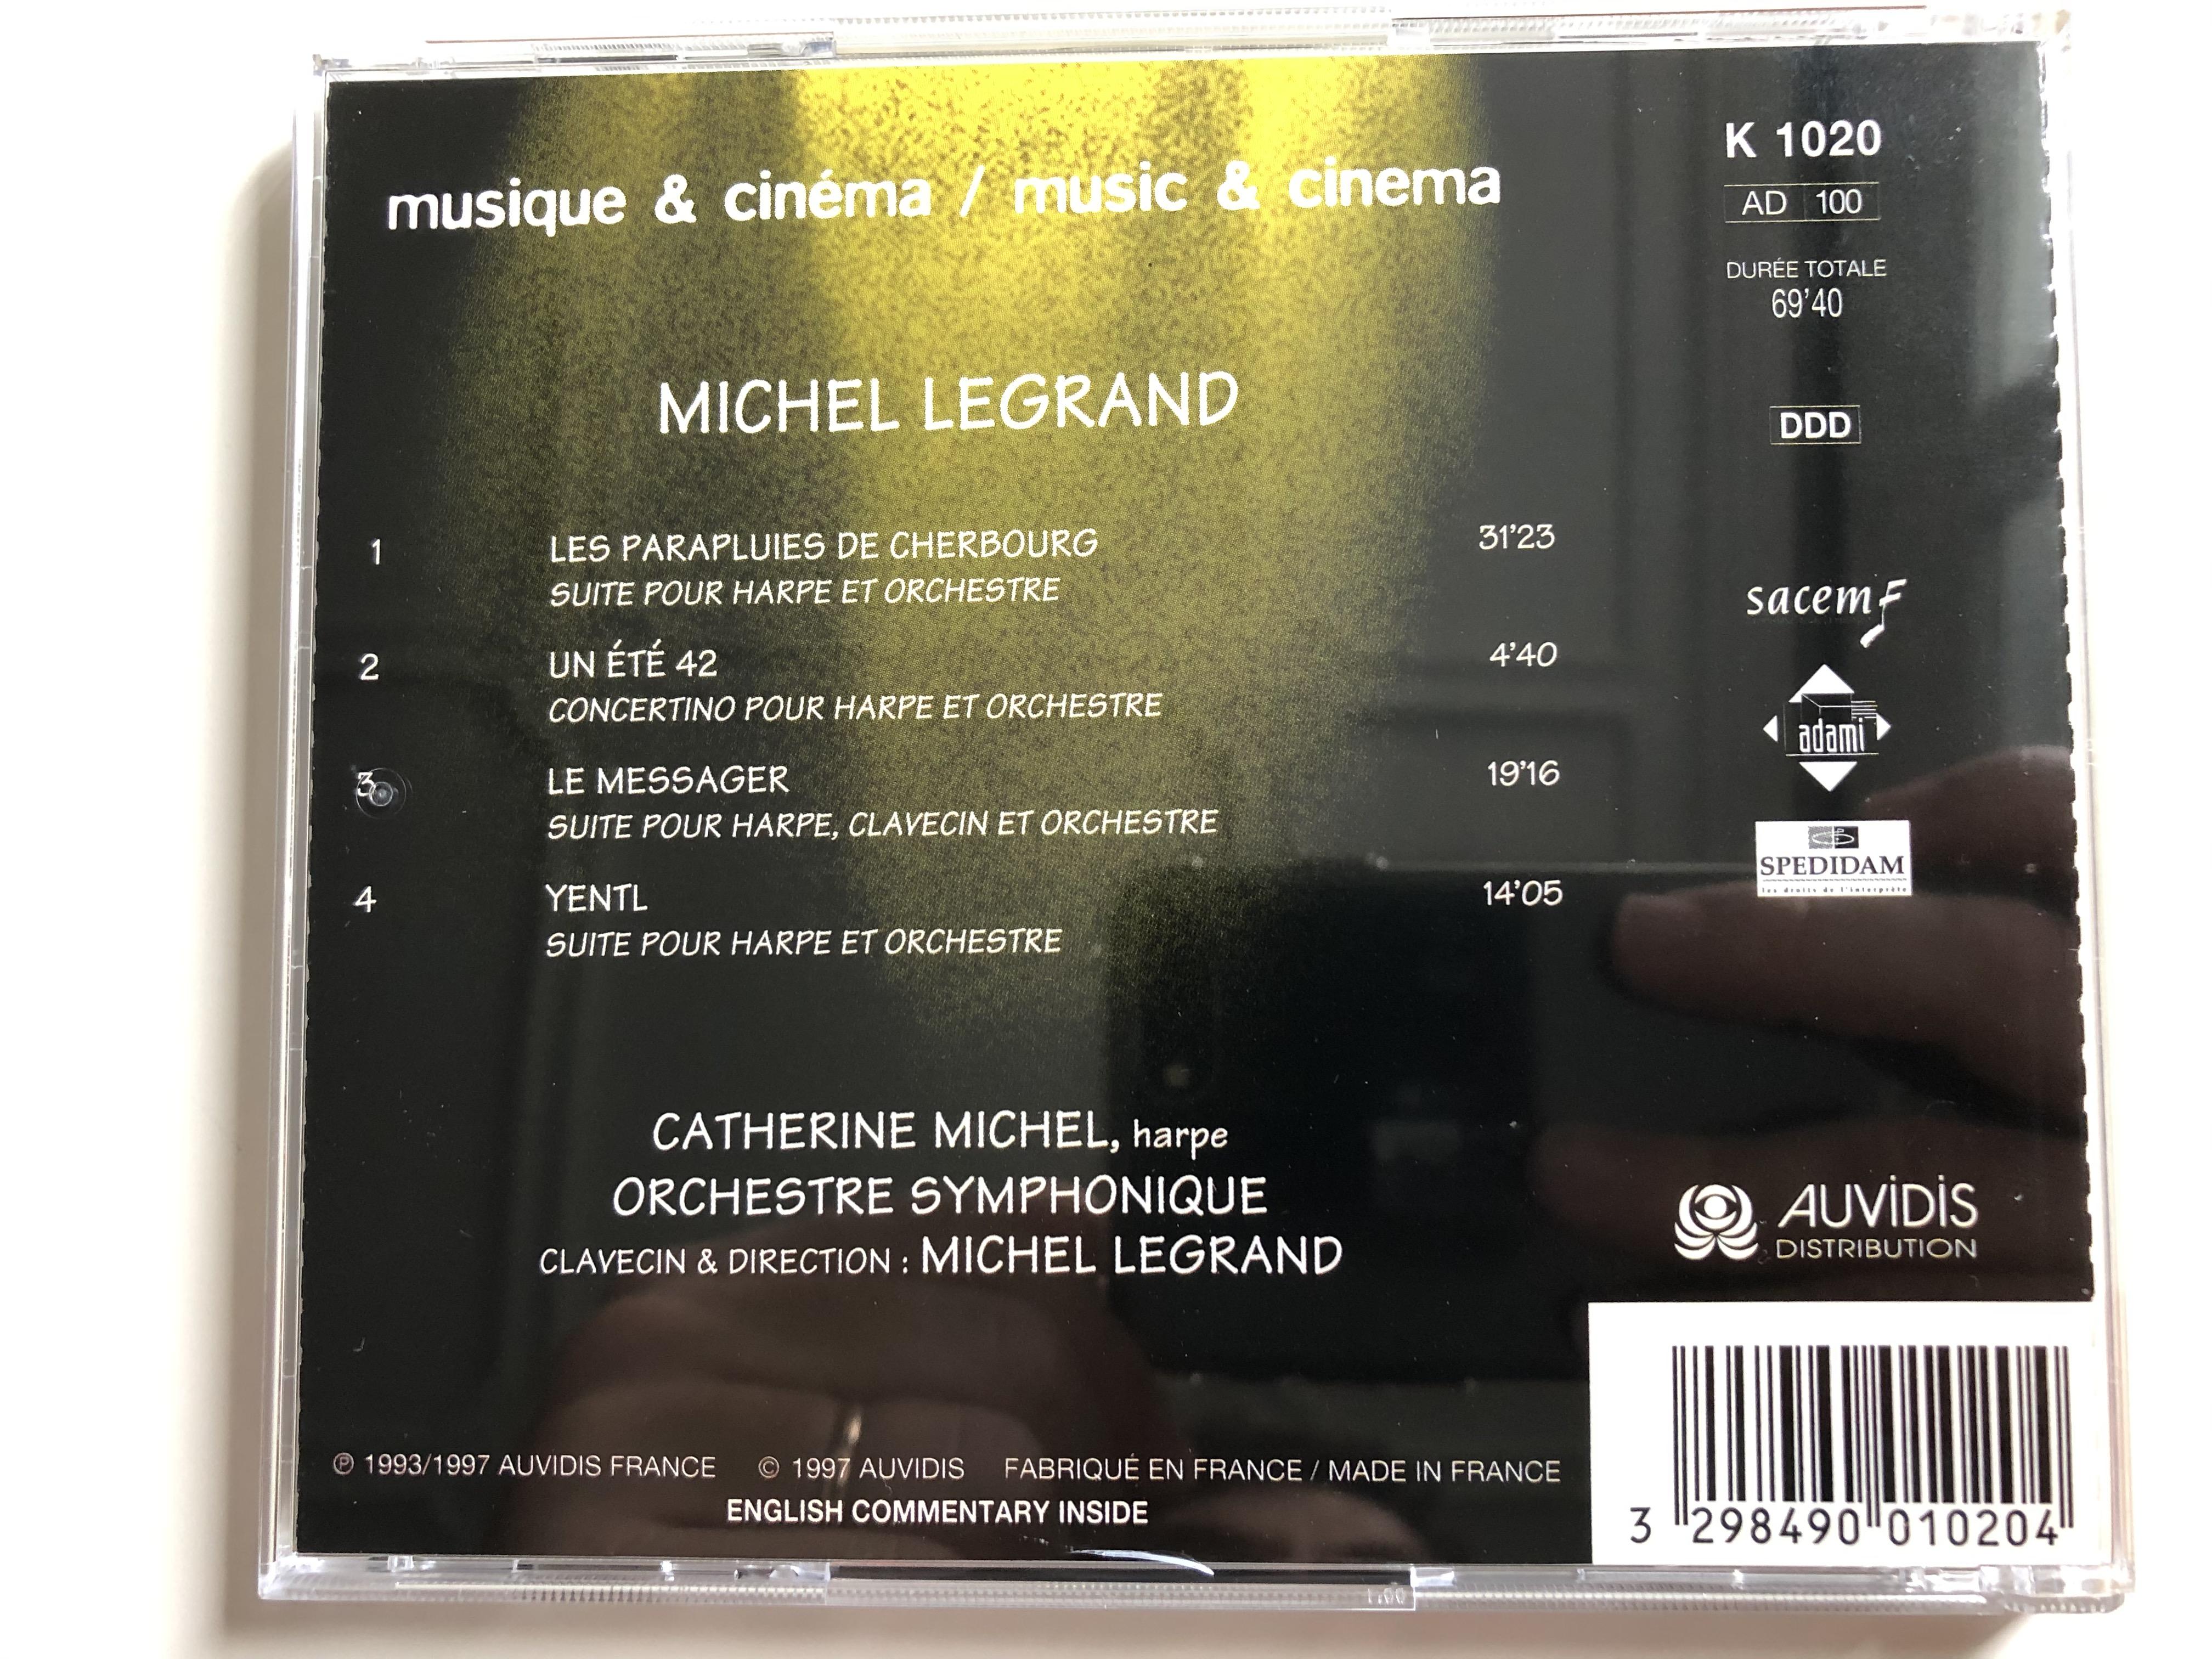 michel-legrand-les-parapluies-de-cherbourg-un-t-42-le-messager-yentl-catherine-michel-harpe-grand-orchestre-symphonique-michel-legrand-direction-auvidis-travelling-audio-cd-1997-4-.jpg